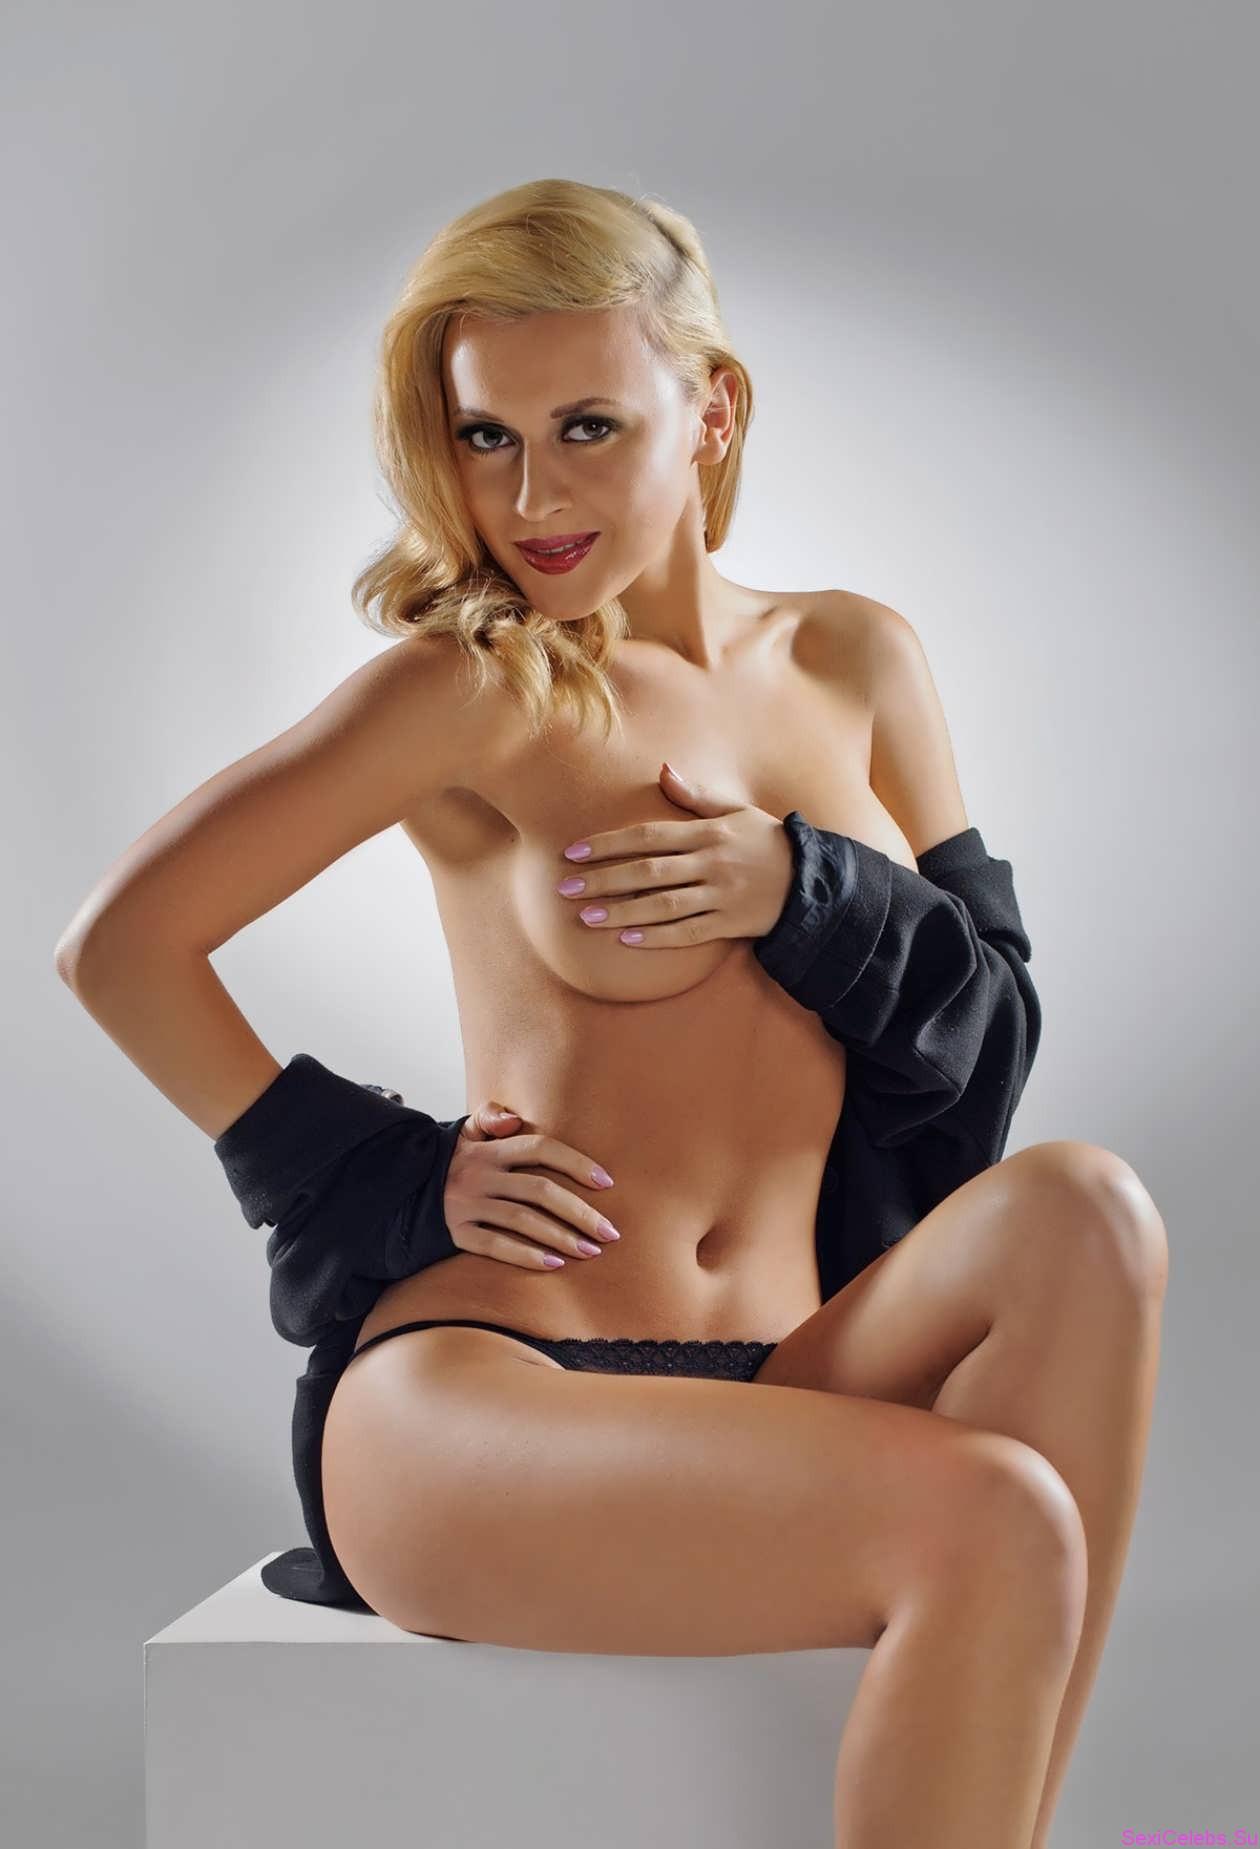 Сара окс порно